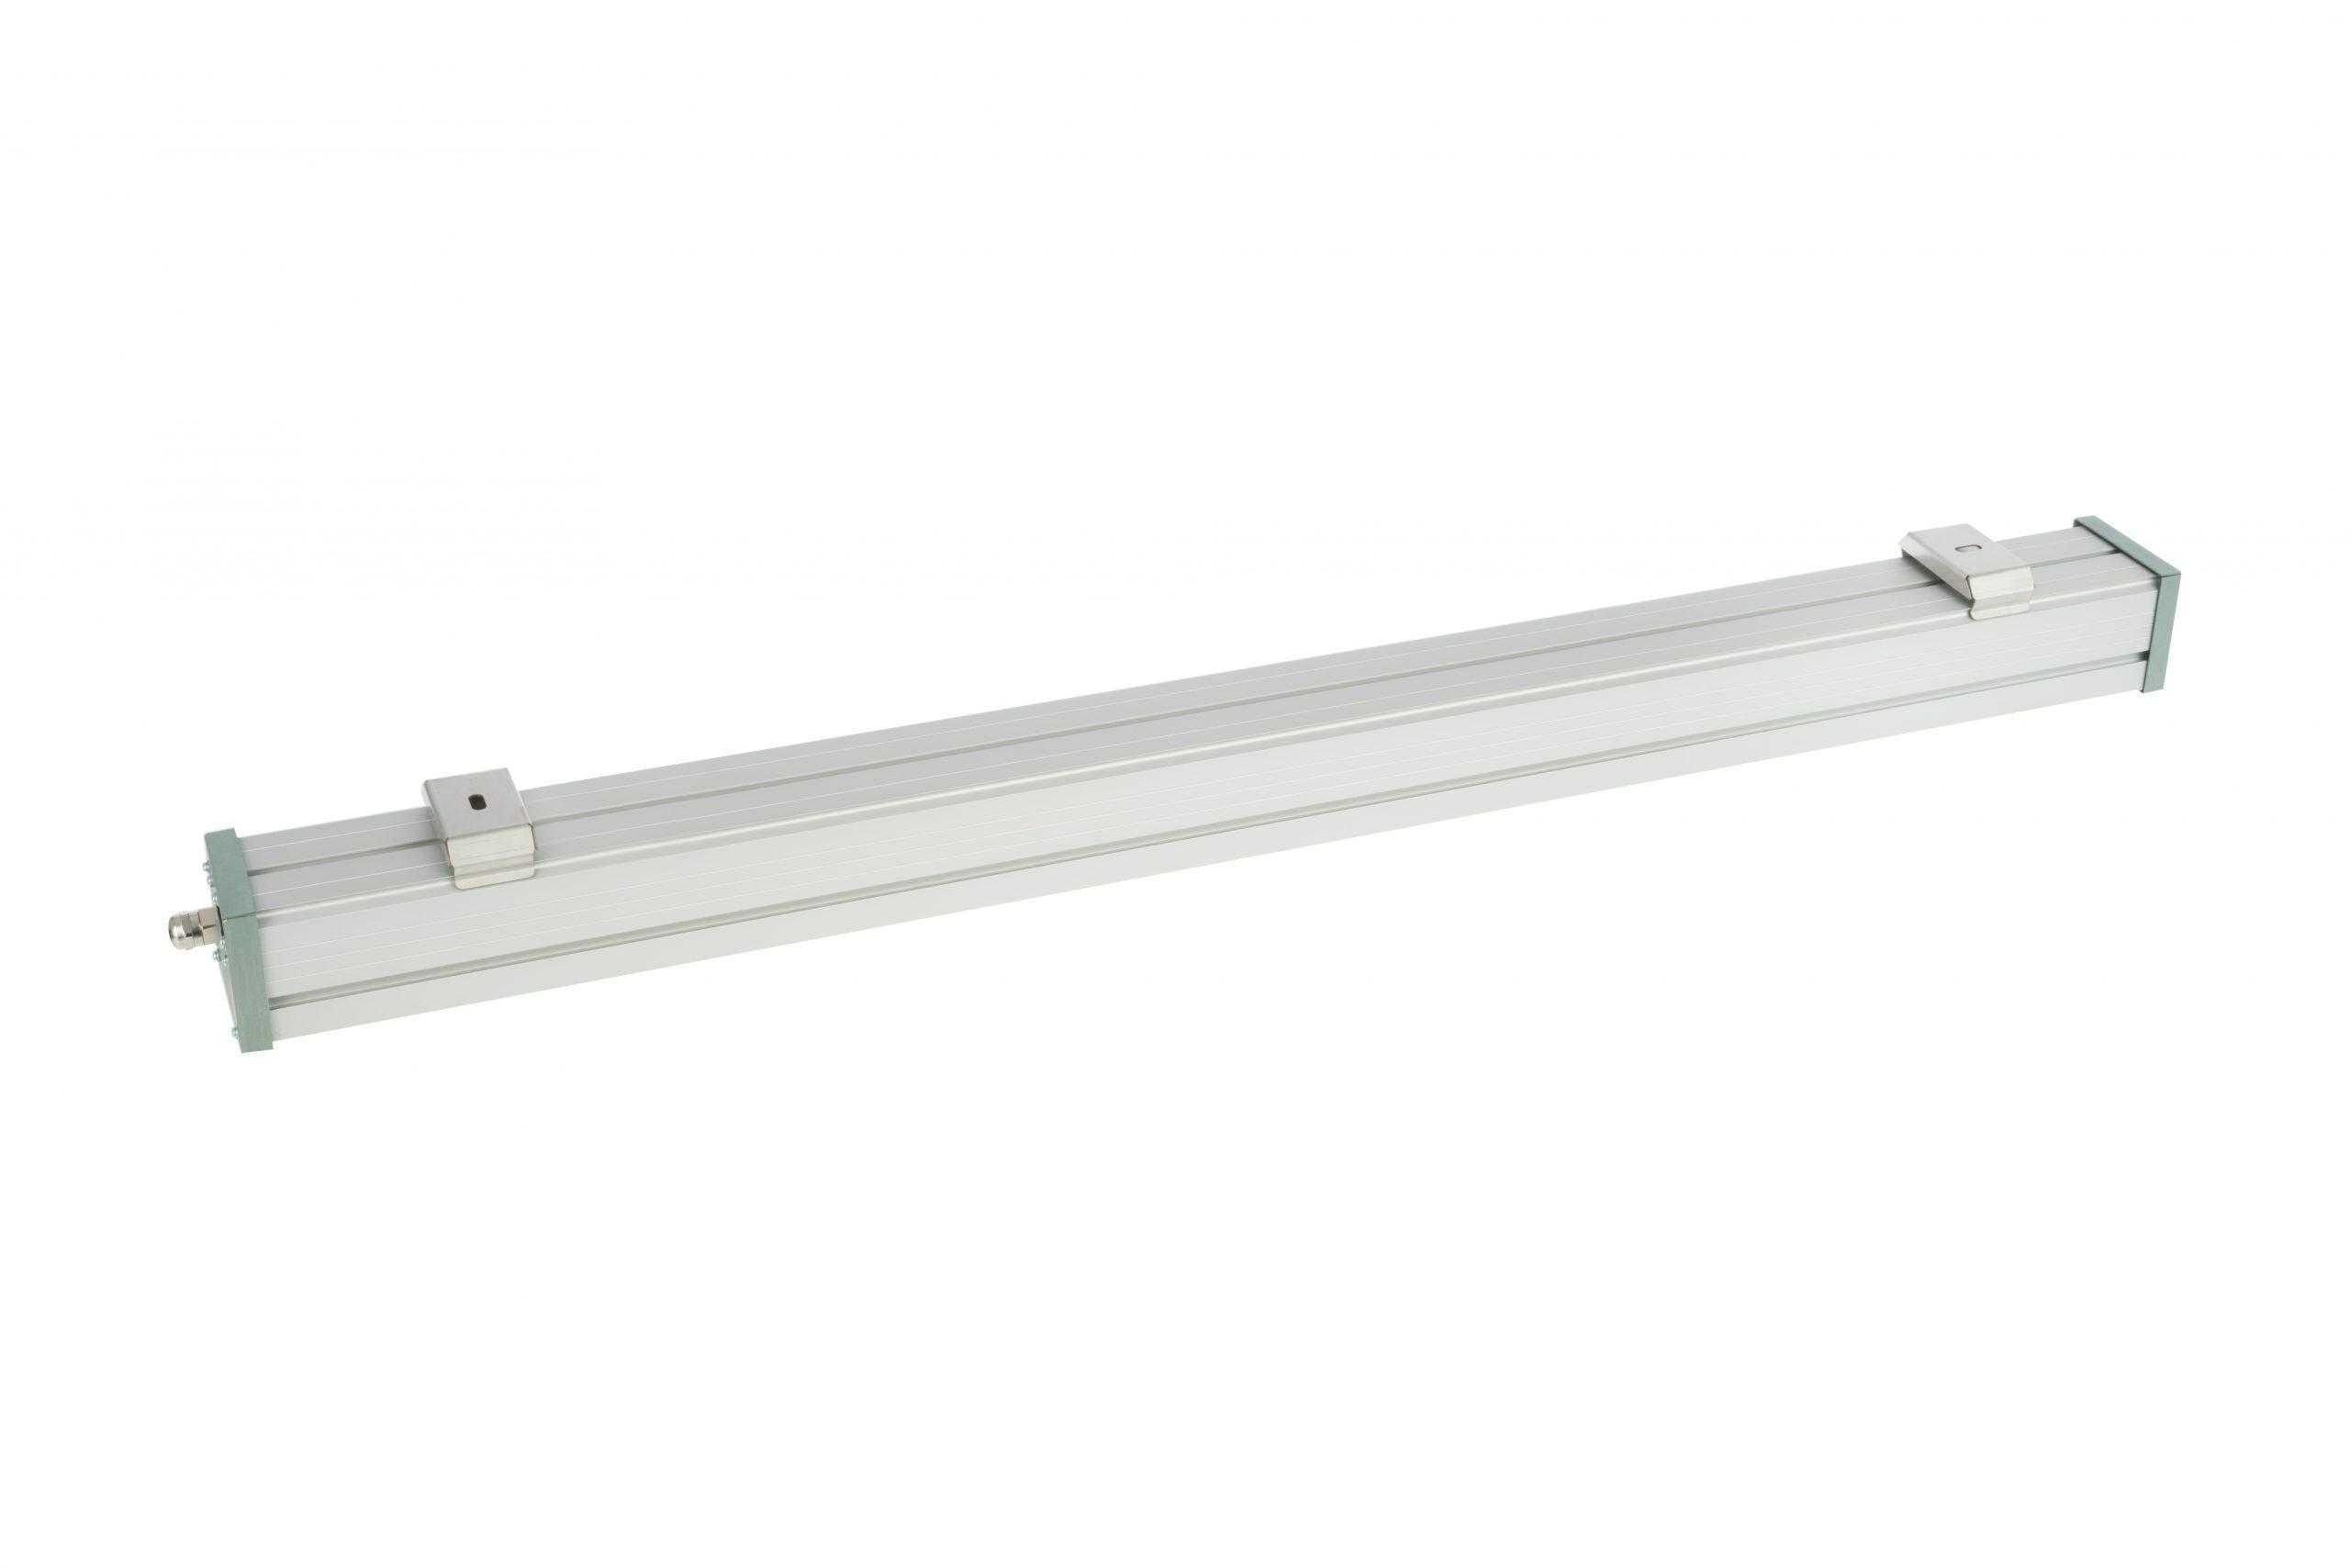 Изображение линейного светодиодного светильника 50 Вт Line Prom 50W с обратной стороны